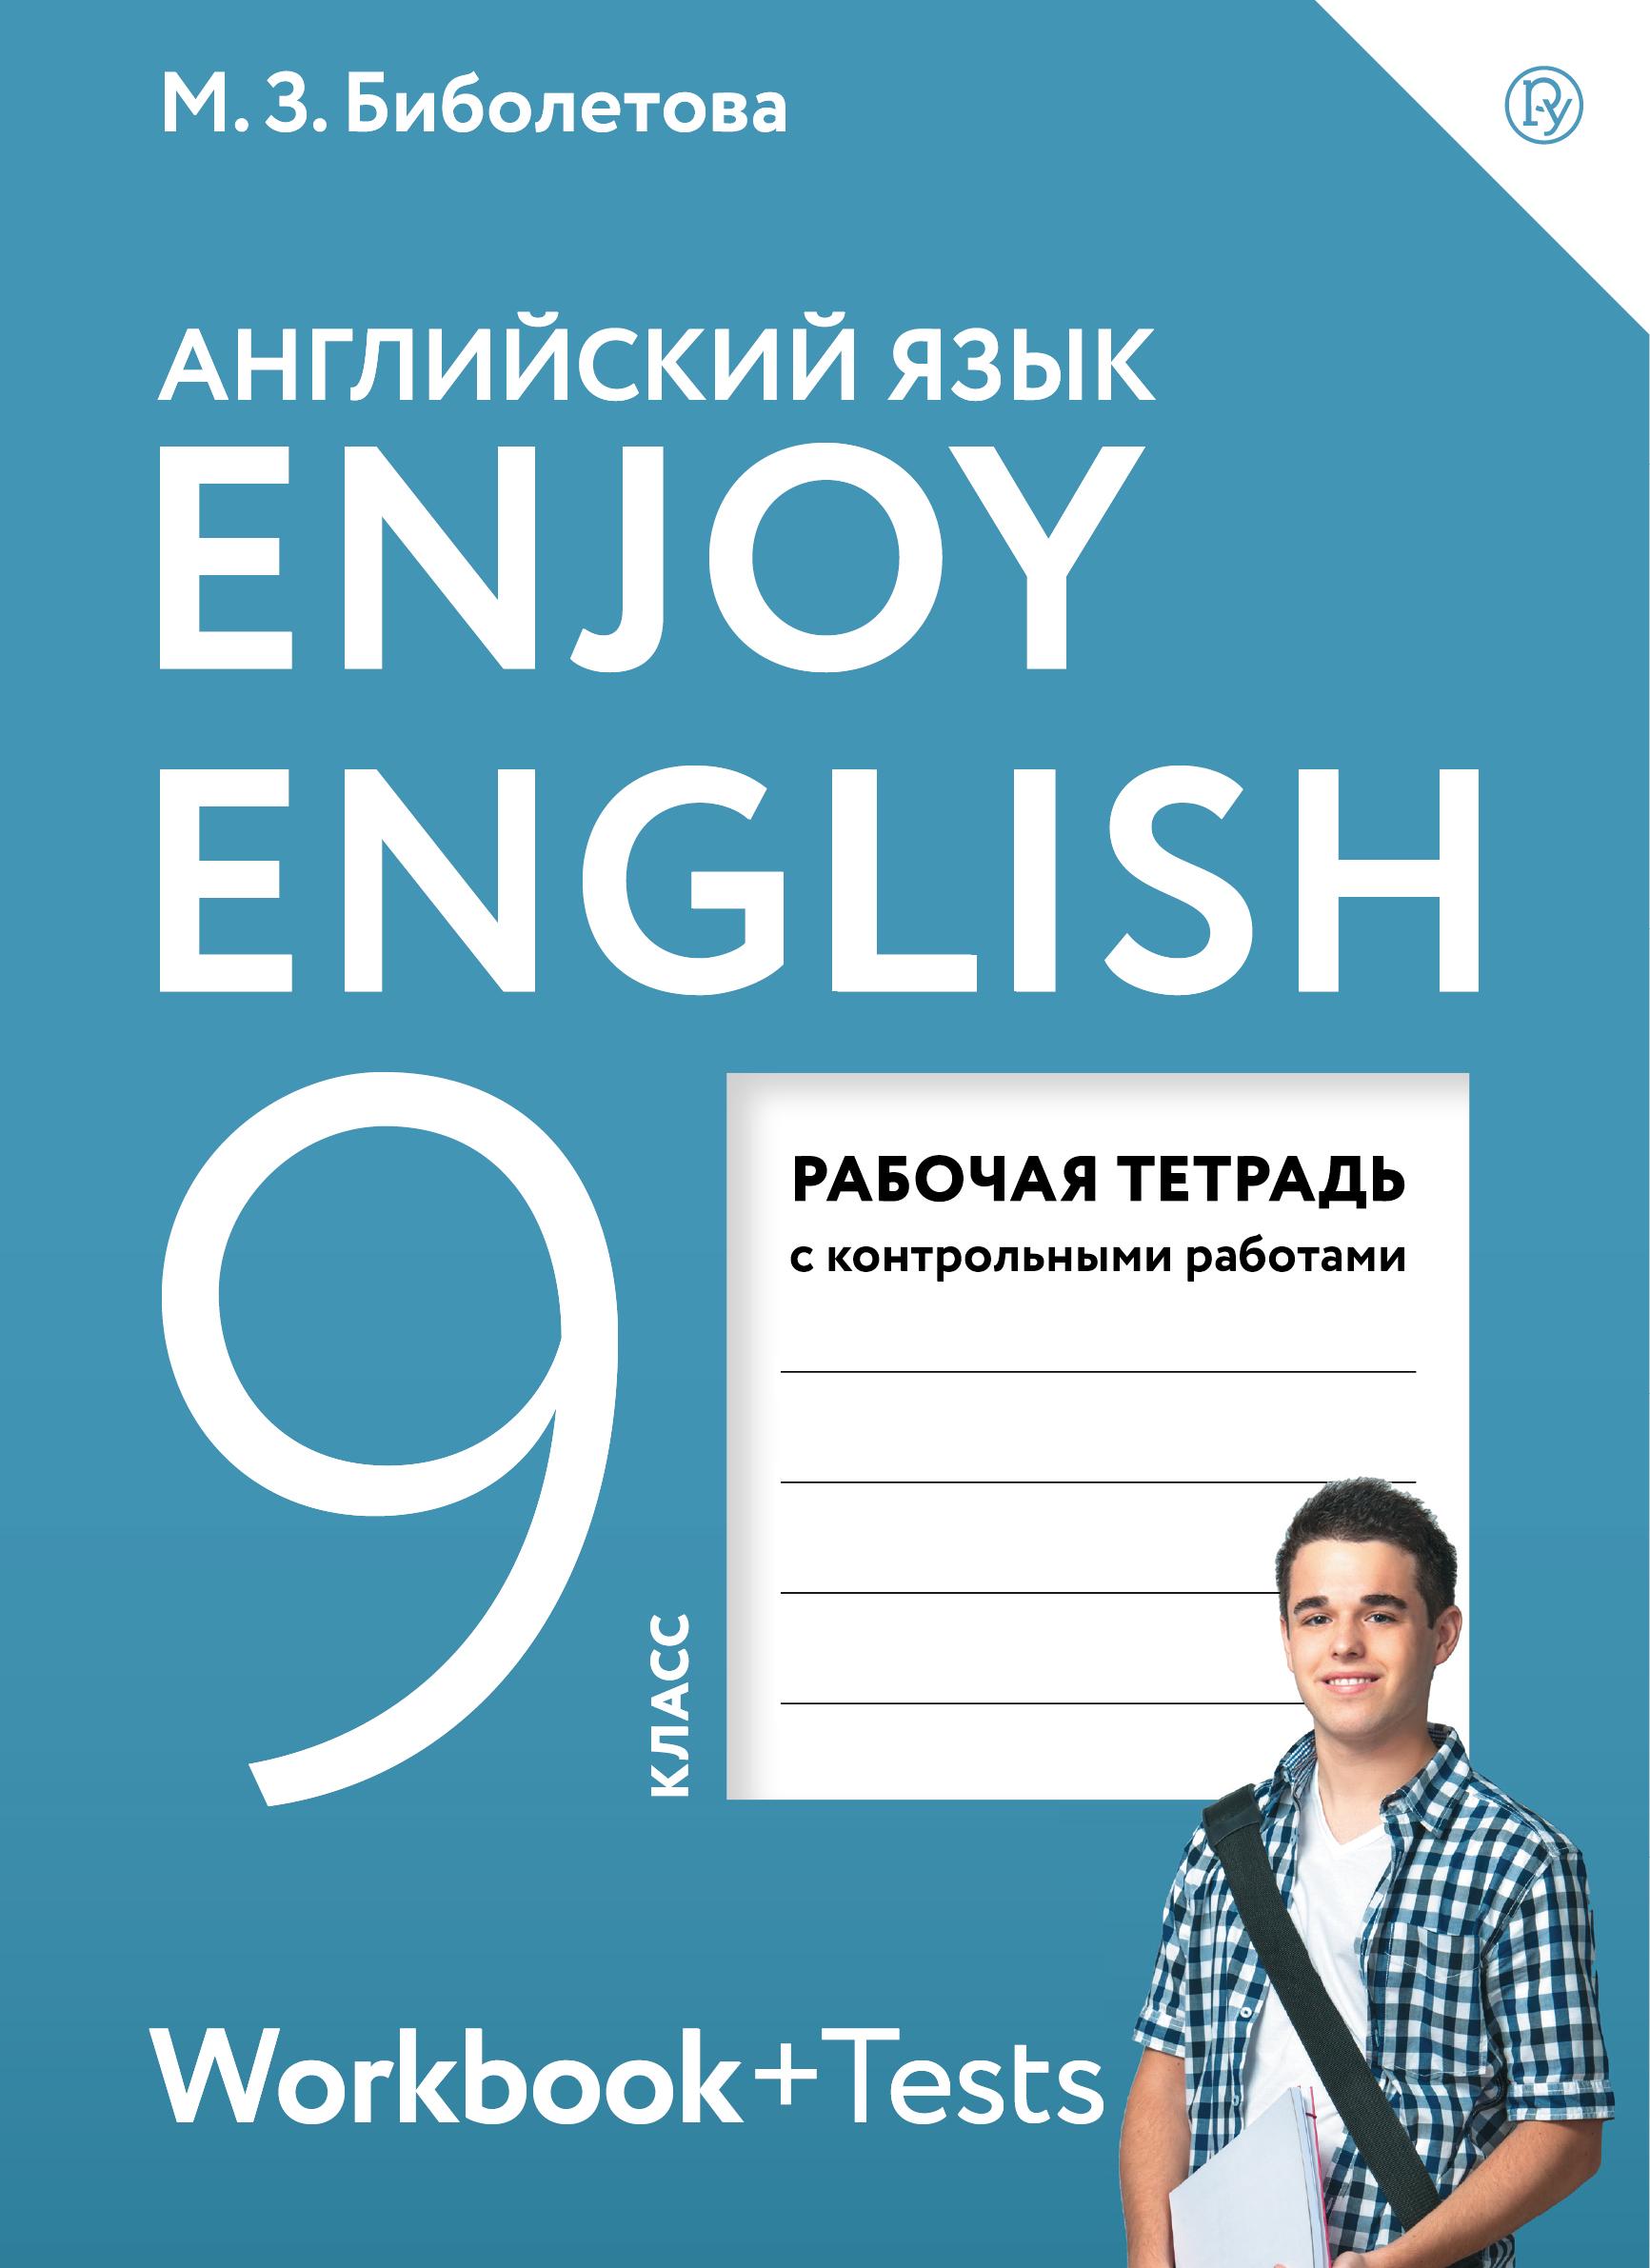 Гдз по английскому языку рабочая тетрадь enjoy english